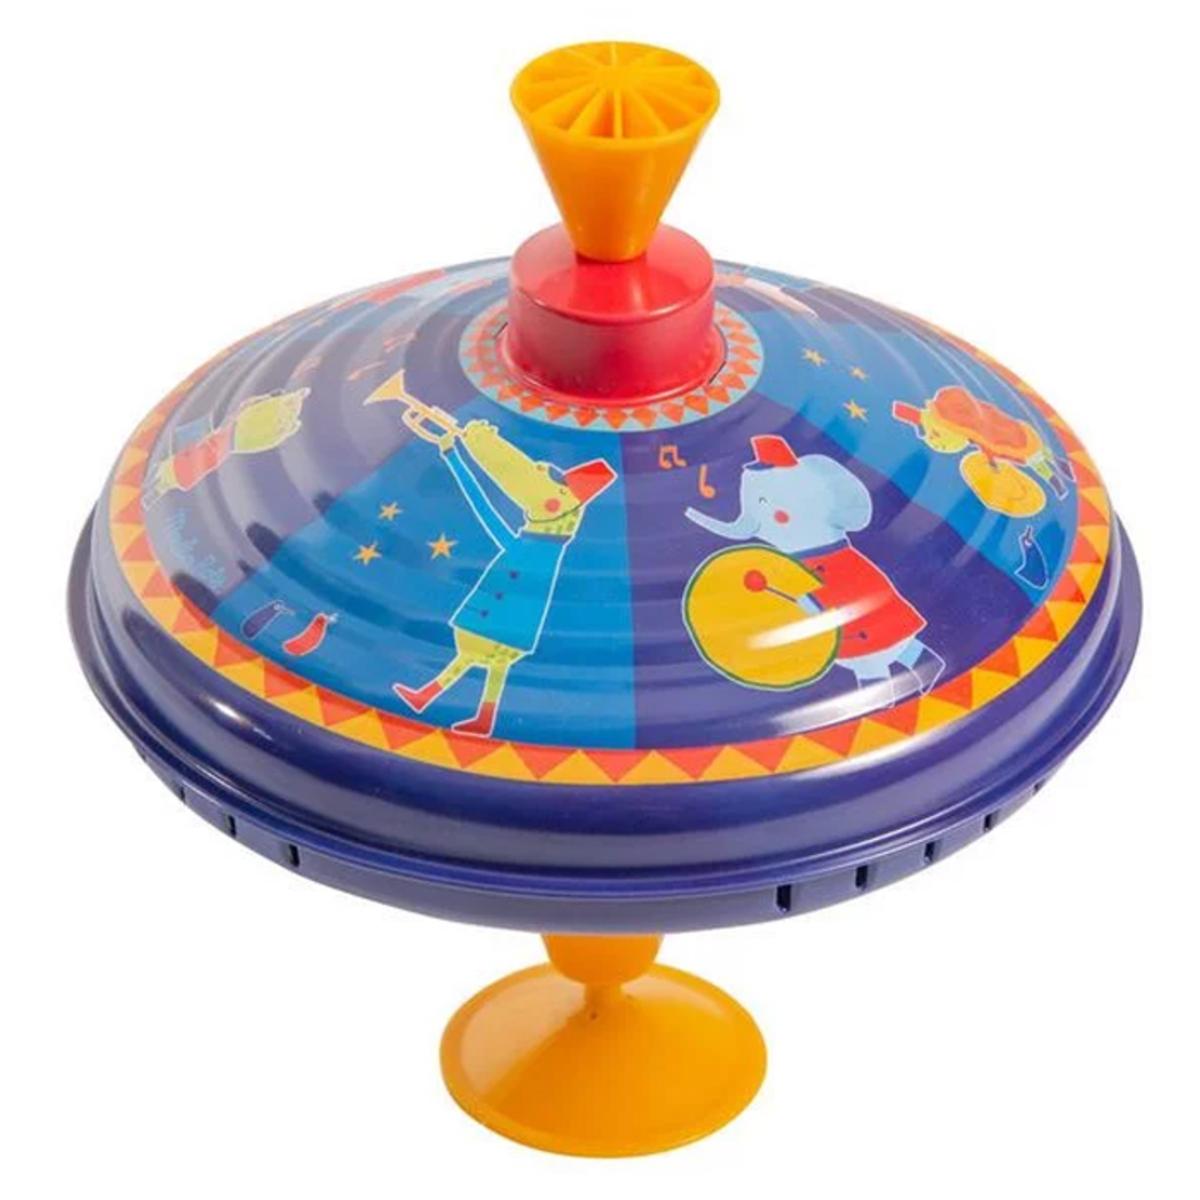 Mes premiers jouets Grande Toupie Fanfare - Les Jouets Métal Grande Toupie Fanfare - Les Jouets Métal